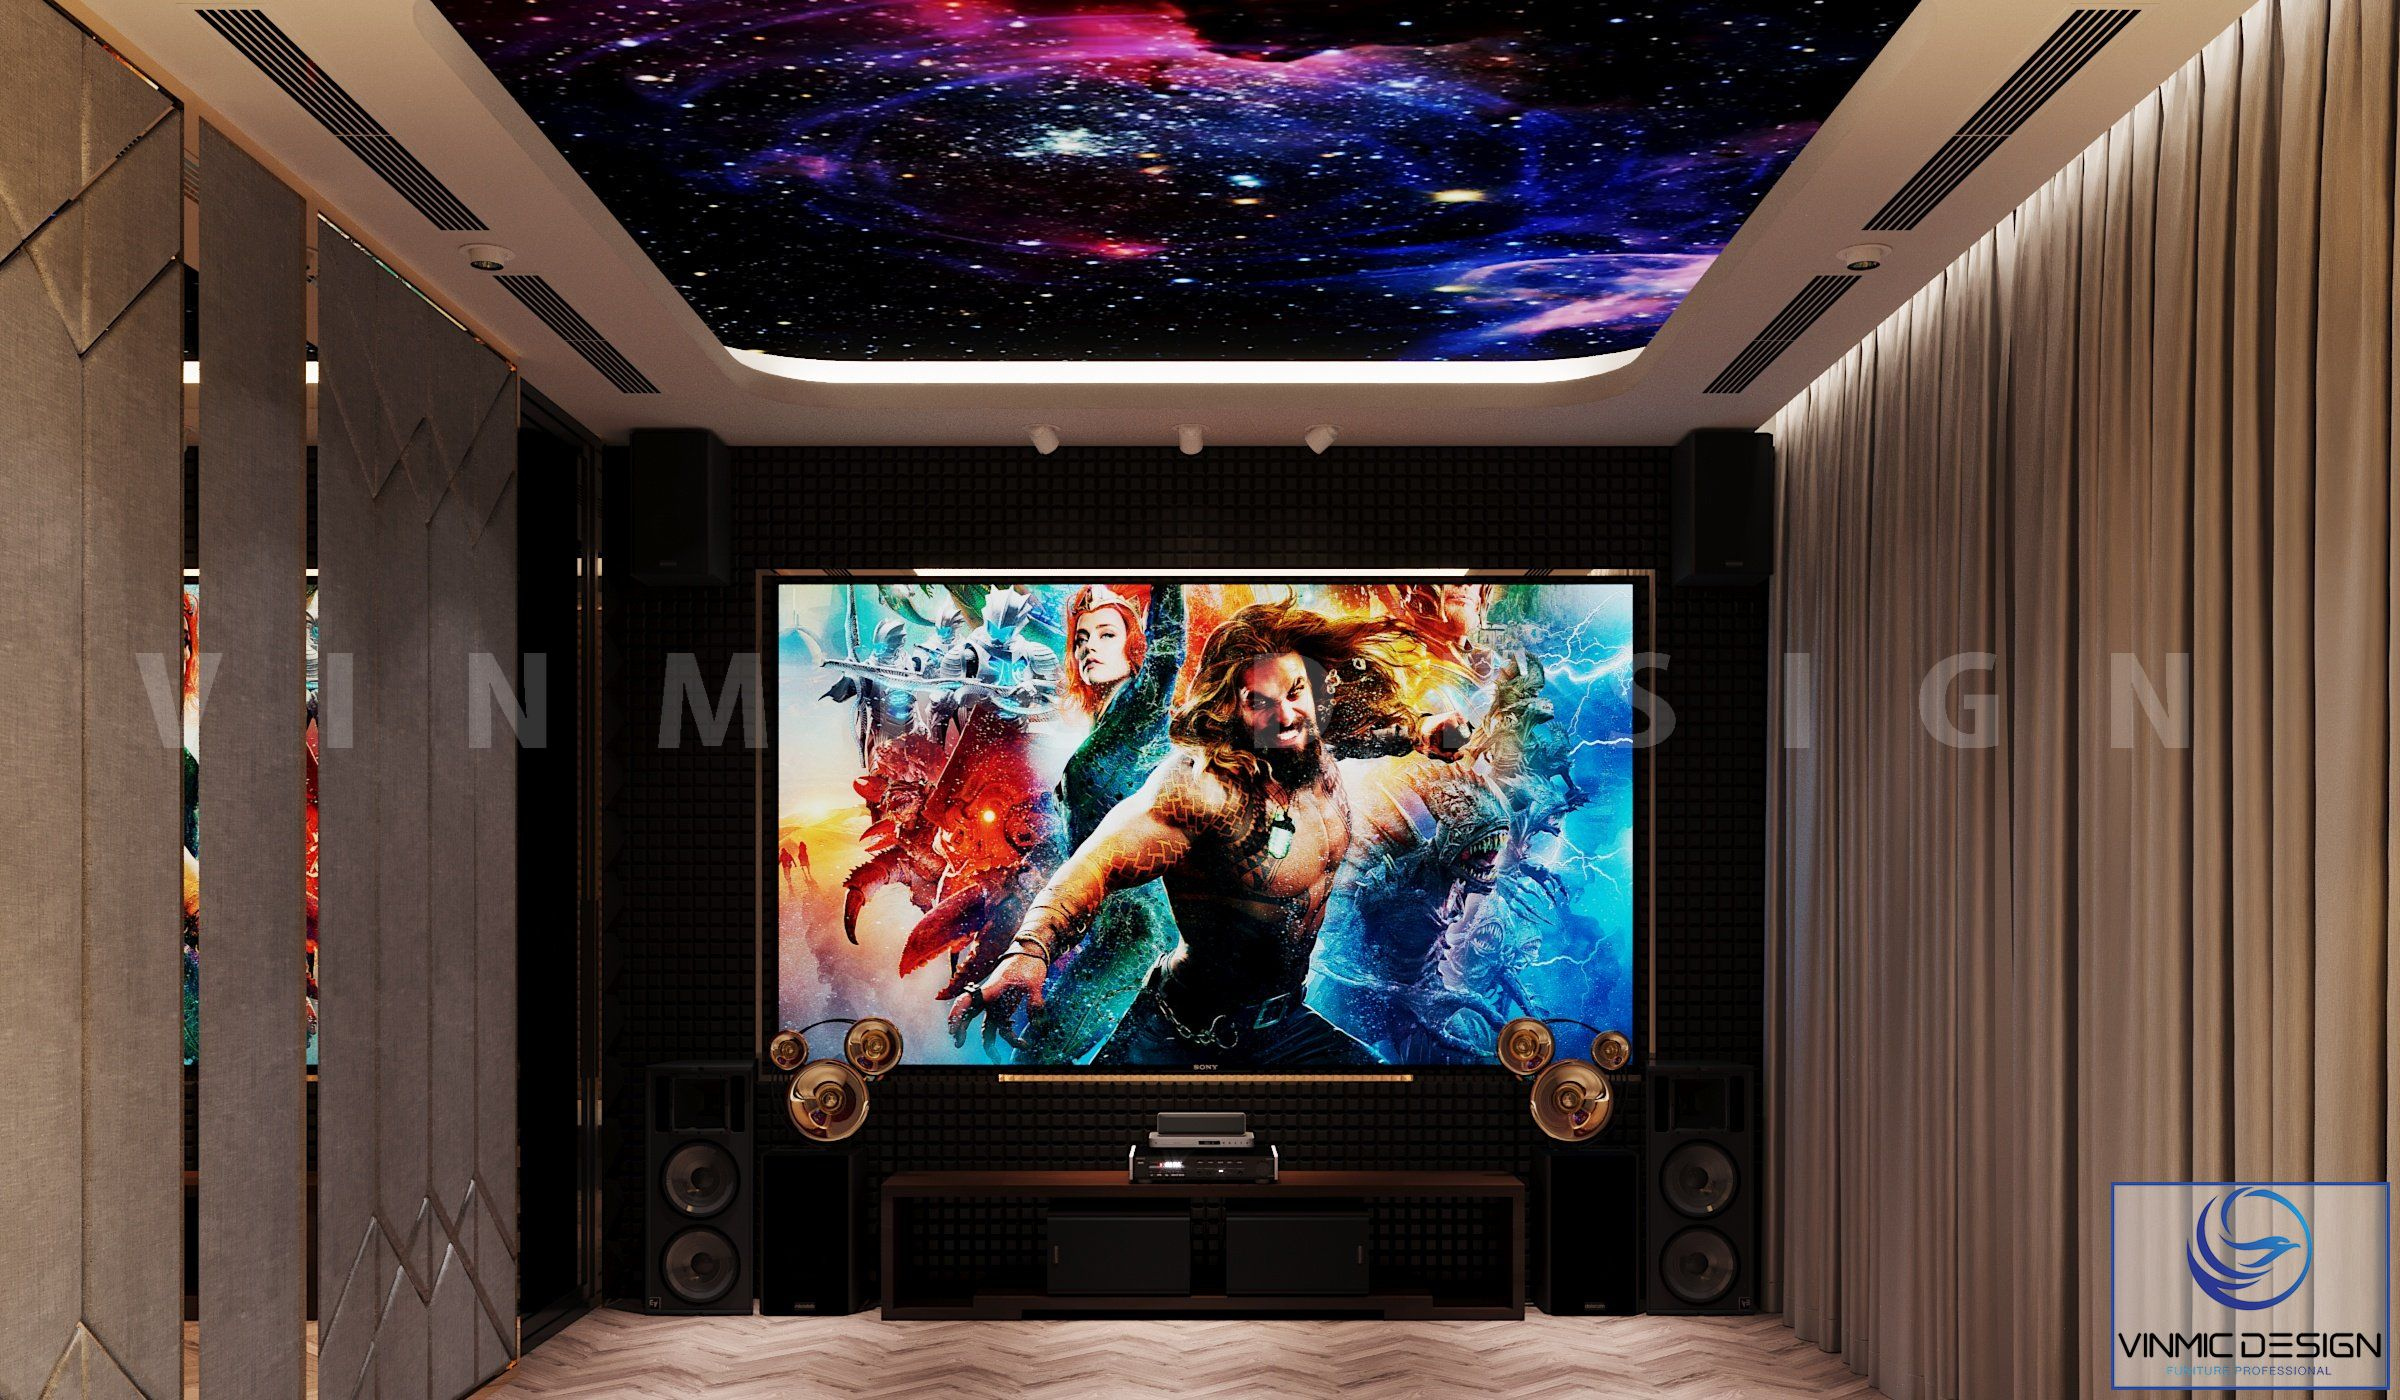 Thiết kế phòng chiếu phim với ốp tường cách âm và hệ thống âm thanh sống động tại biệt thự Vinhomes Imperia Hải Phòng